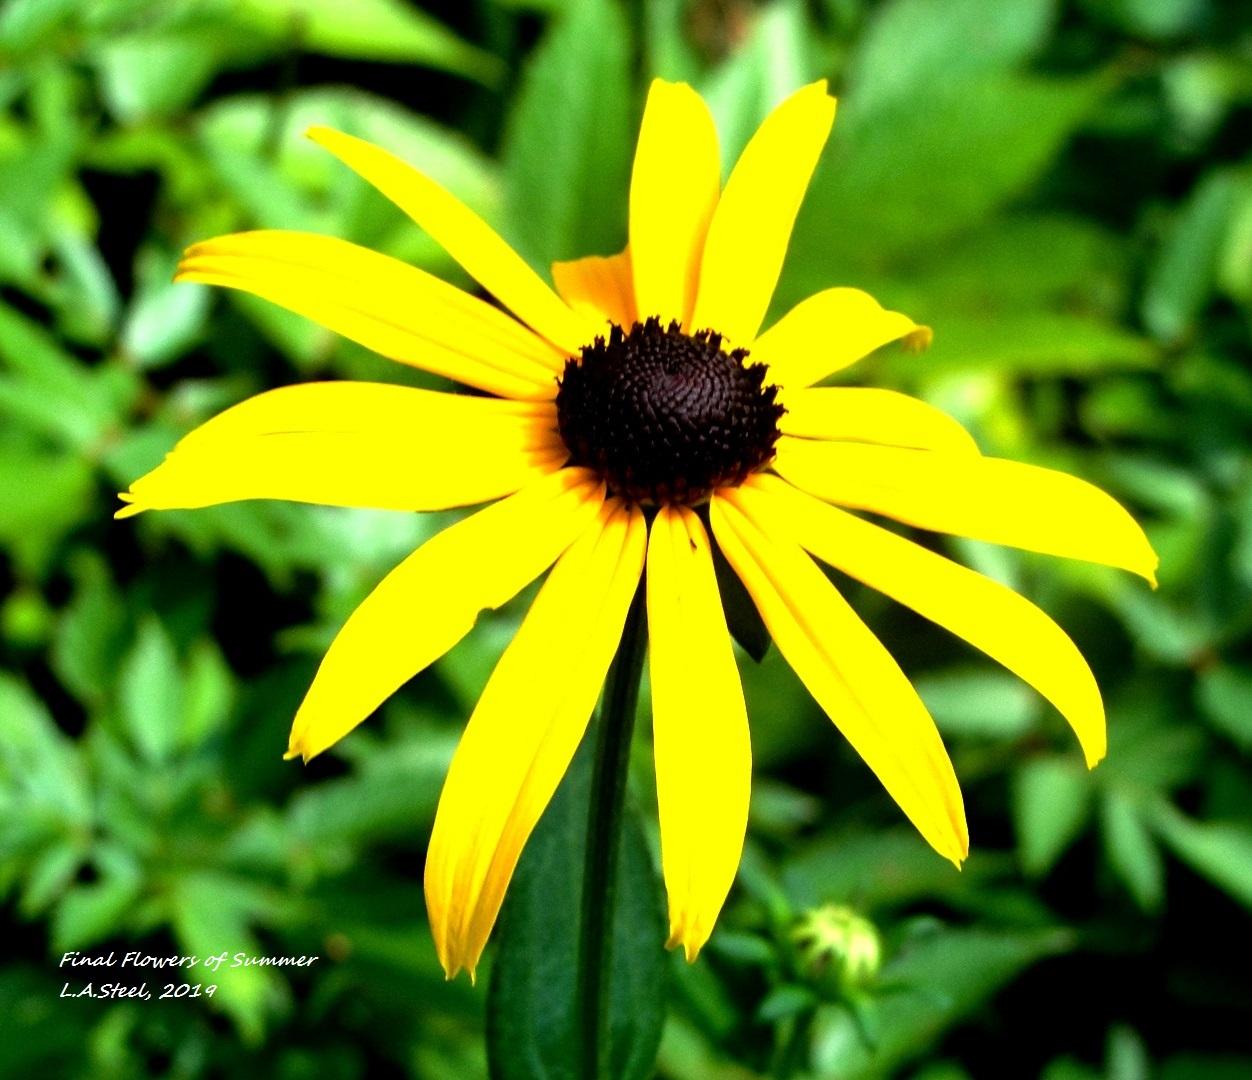 final flowers of summer 2019.jpg 6